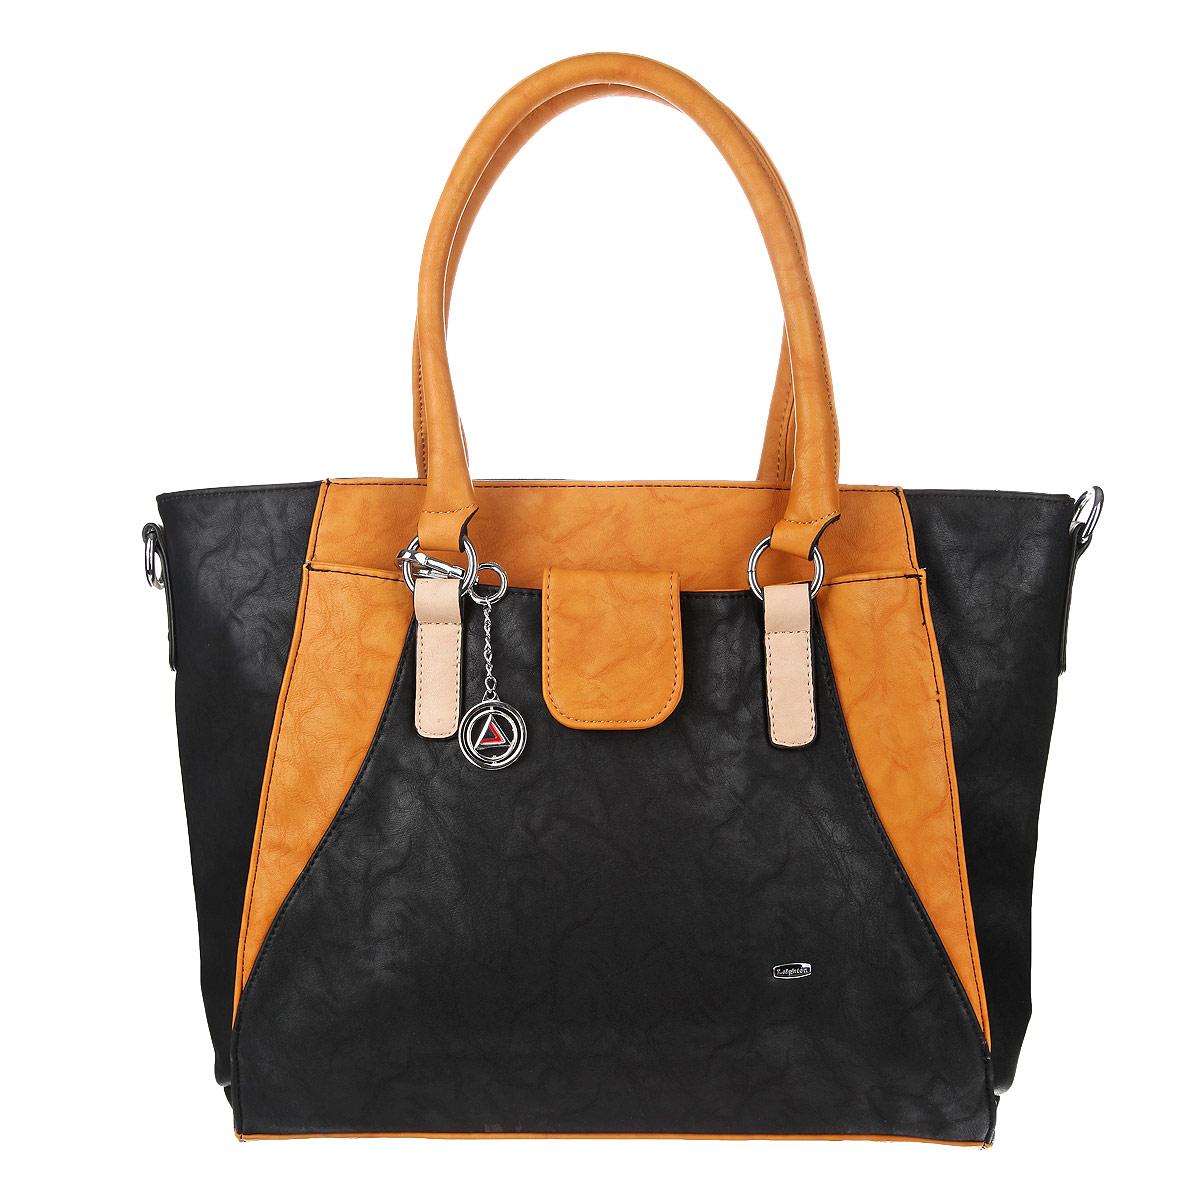 Сумка женская Leighton, цвет: черный, темно-желтый. 580423-6090/1112/811/1112580423-6090/1112/811/1112Оригинальная женская сумка Leighton выполнена из искусственной кожи. Сумка с удобными ручками имеет одно вместительное отделение, закрывающееся на молнию. Внутри отделения расположен смежный карман на молнии, вшитый карман на молнии и два накладных кармашка для мелочей. На задней стороне сумки имеется дополнительный вшитый карман на молнии. На лицевой стороне сумки находится кармашек, который закрывается хлястиком на магнитную кнопку. На дне сумки расположены ножки для лучшей устойчивости. К сумке прилагается чехол для хранения, съемный регулируемый плечевой ремень и брелок с круглой символикой бренда. Сумка - это стильный аксессуар, который подчеркнет вашу изысканность и индивидуальность и сделает ваш образ завершенным. Женская сумочка Leighton - это воплощение элегантности и шика. Высококачественные материалы, чистота линий, как выбор стиля, идут об руку с модными тенденциями. Обладательницей данной коллекции может быть только сильная и...